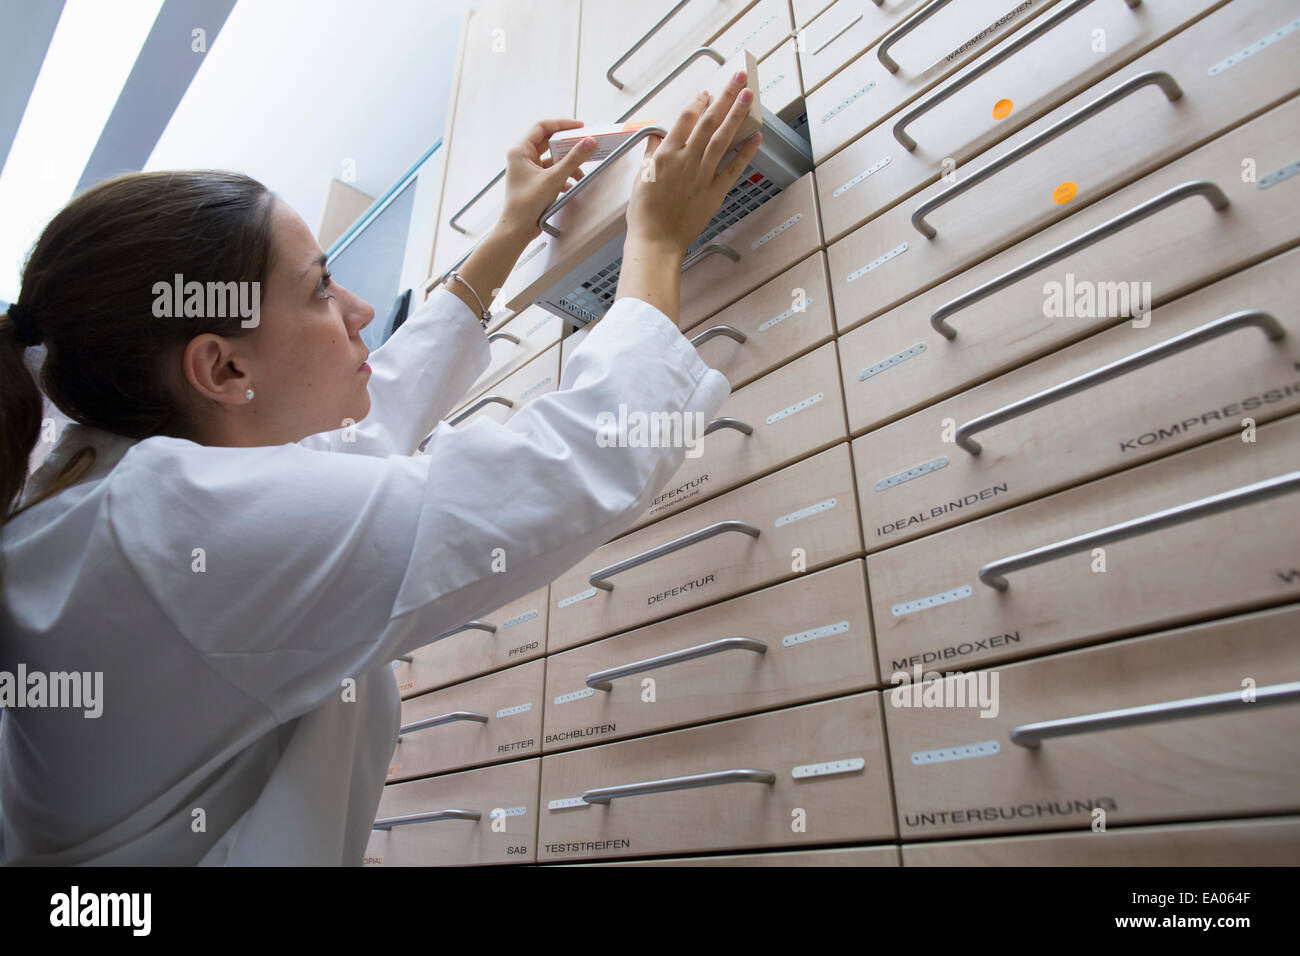 Apotheker in der Apotheke Einreichung Medizin entfernt in Schublade Stockbild